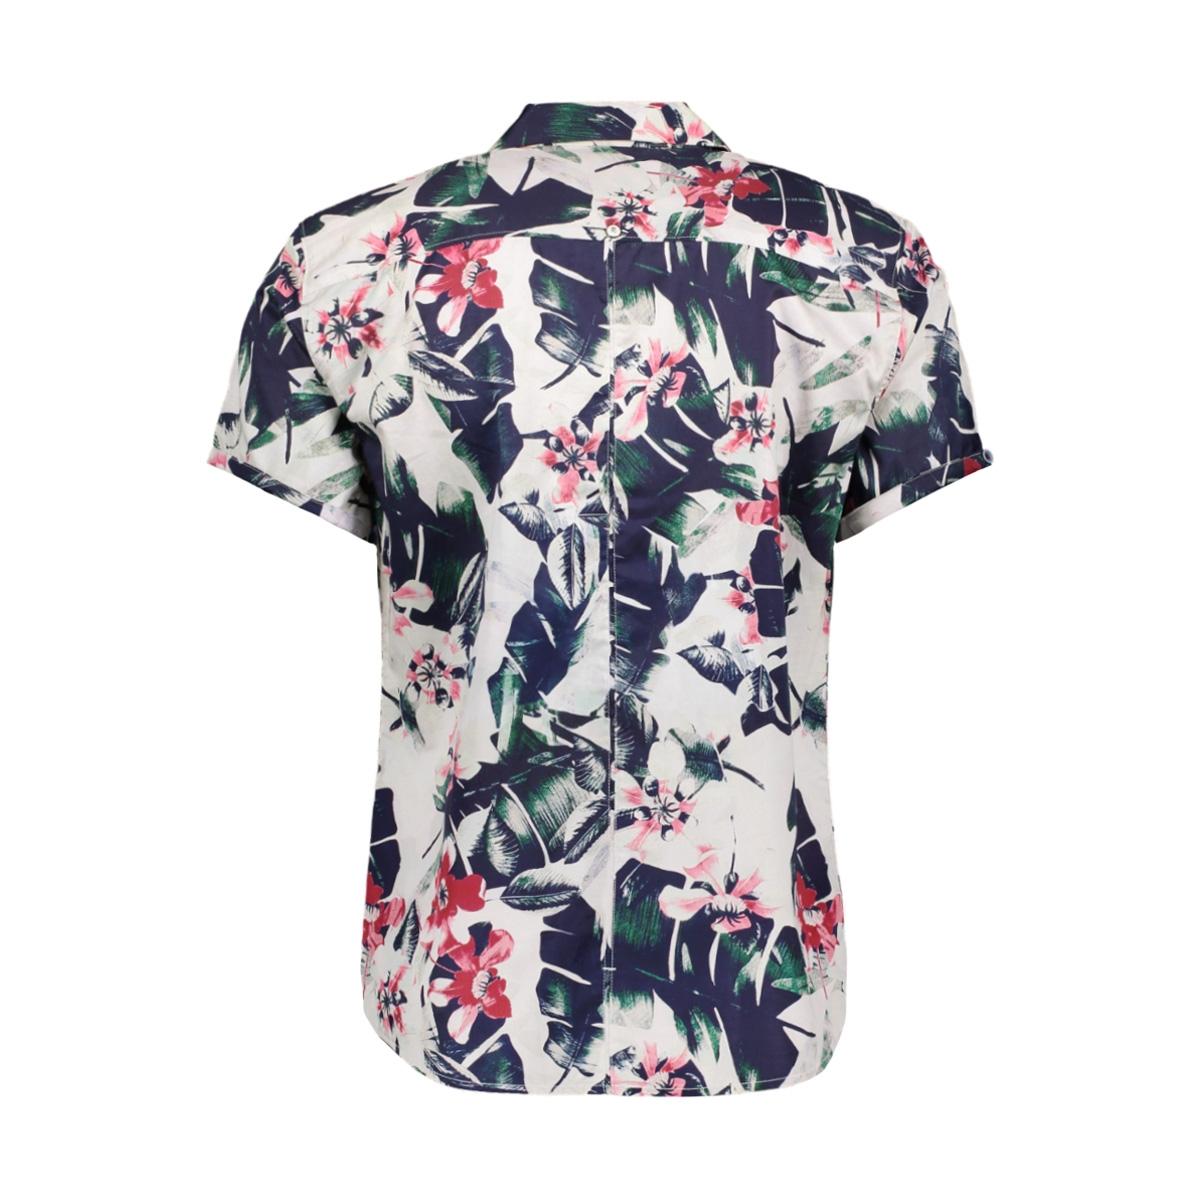 shirt  s sl  ao flower printed popl 90420402 no-excess overhemd 065